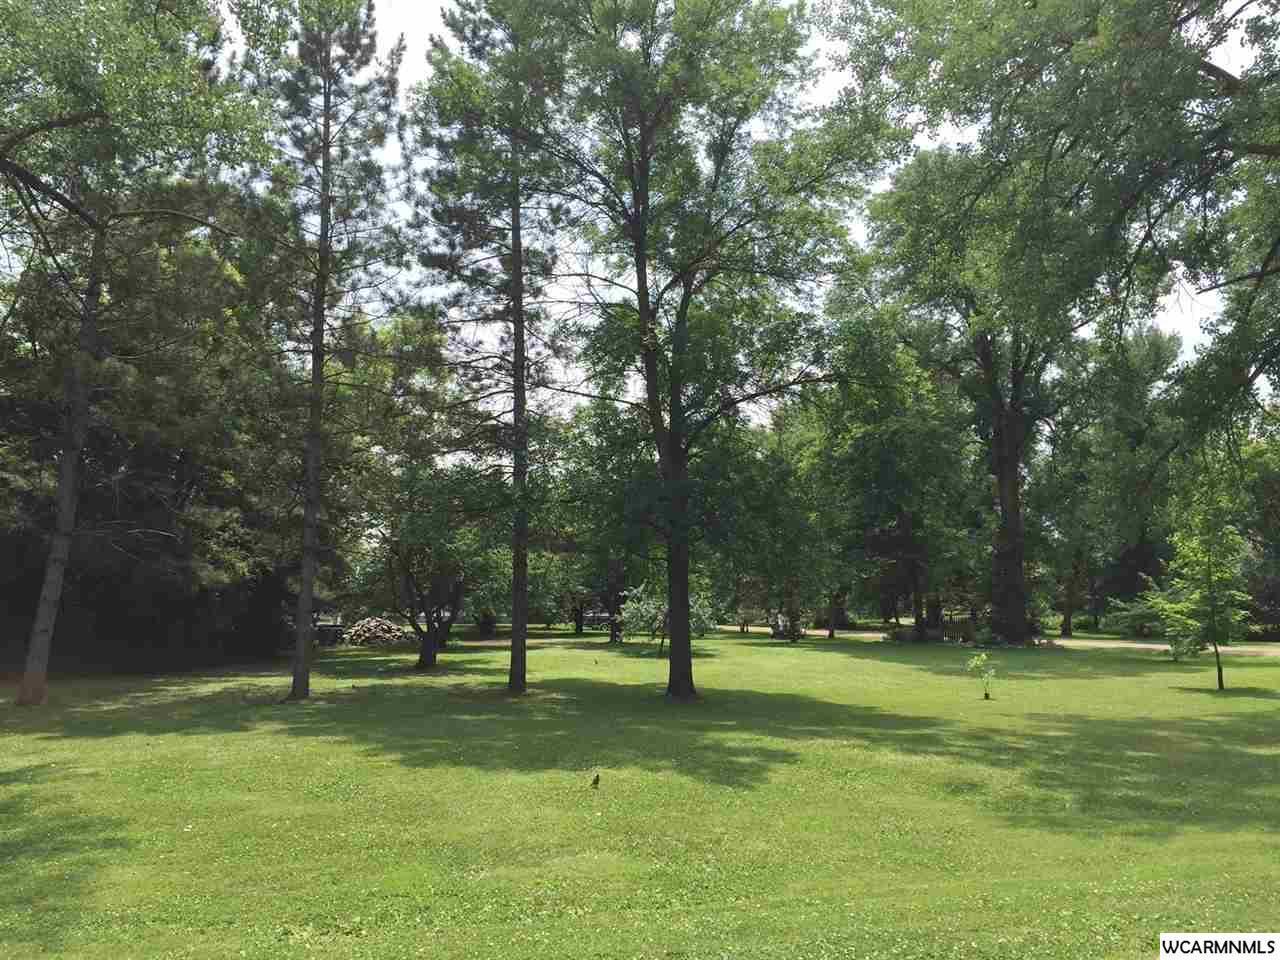 Xxx W Dakota Ave,Atwater,Residential Land,W Dakota Ave,6010601